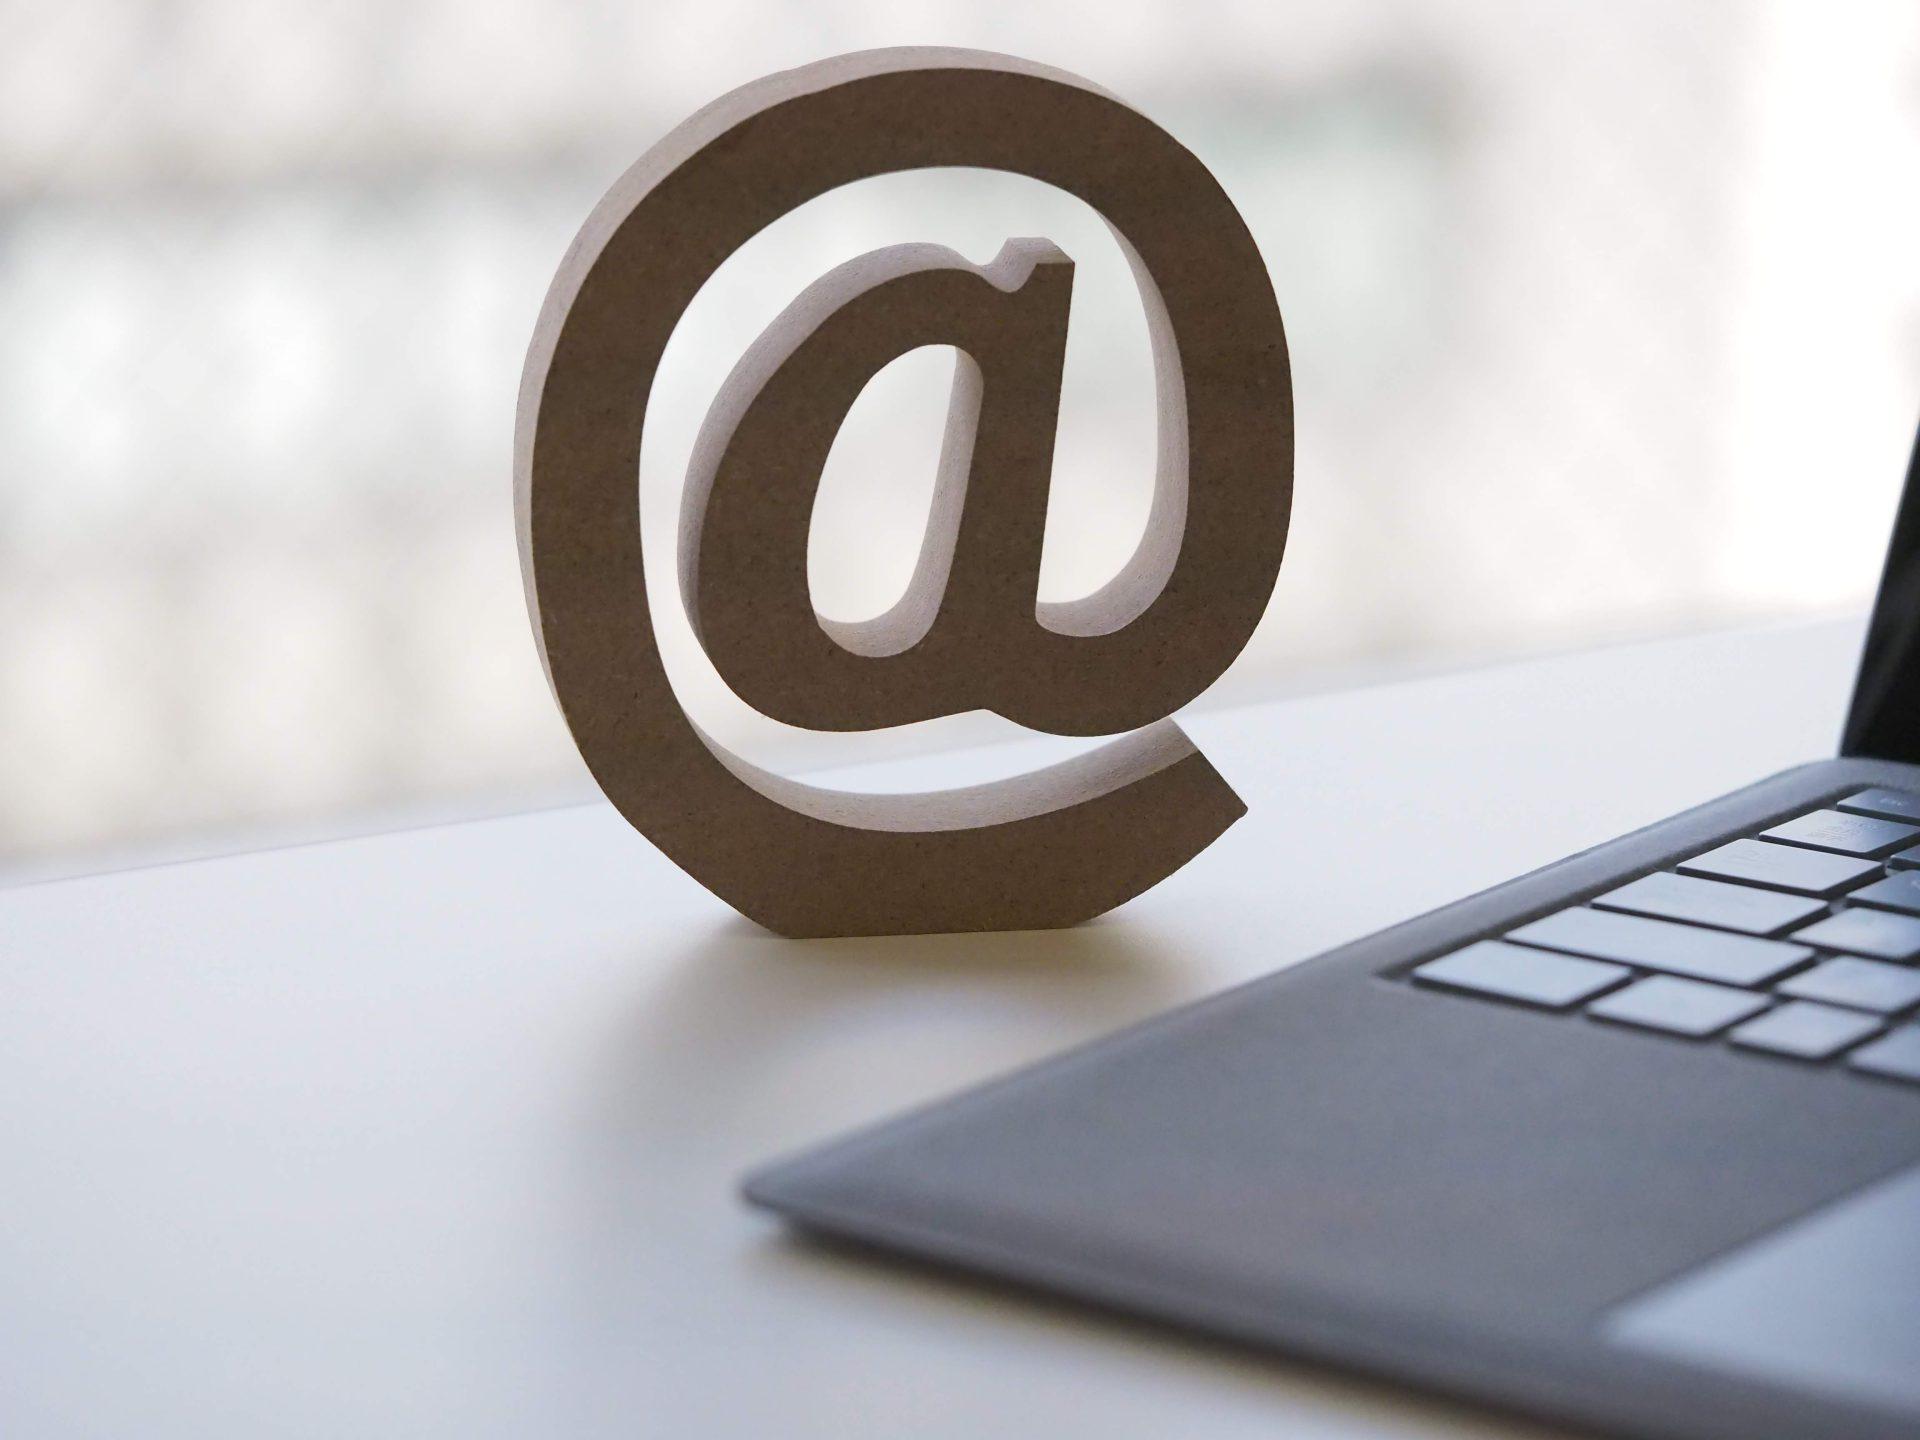 「無効なメールアドレス」として送信メールがエラーになるお話